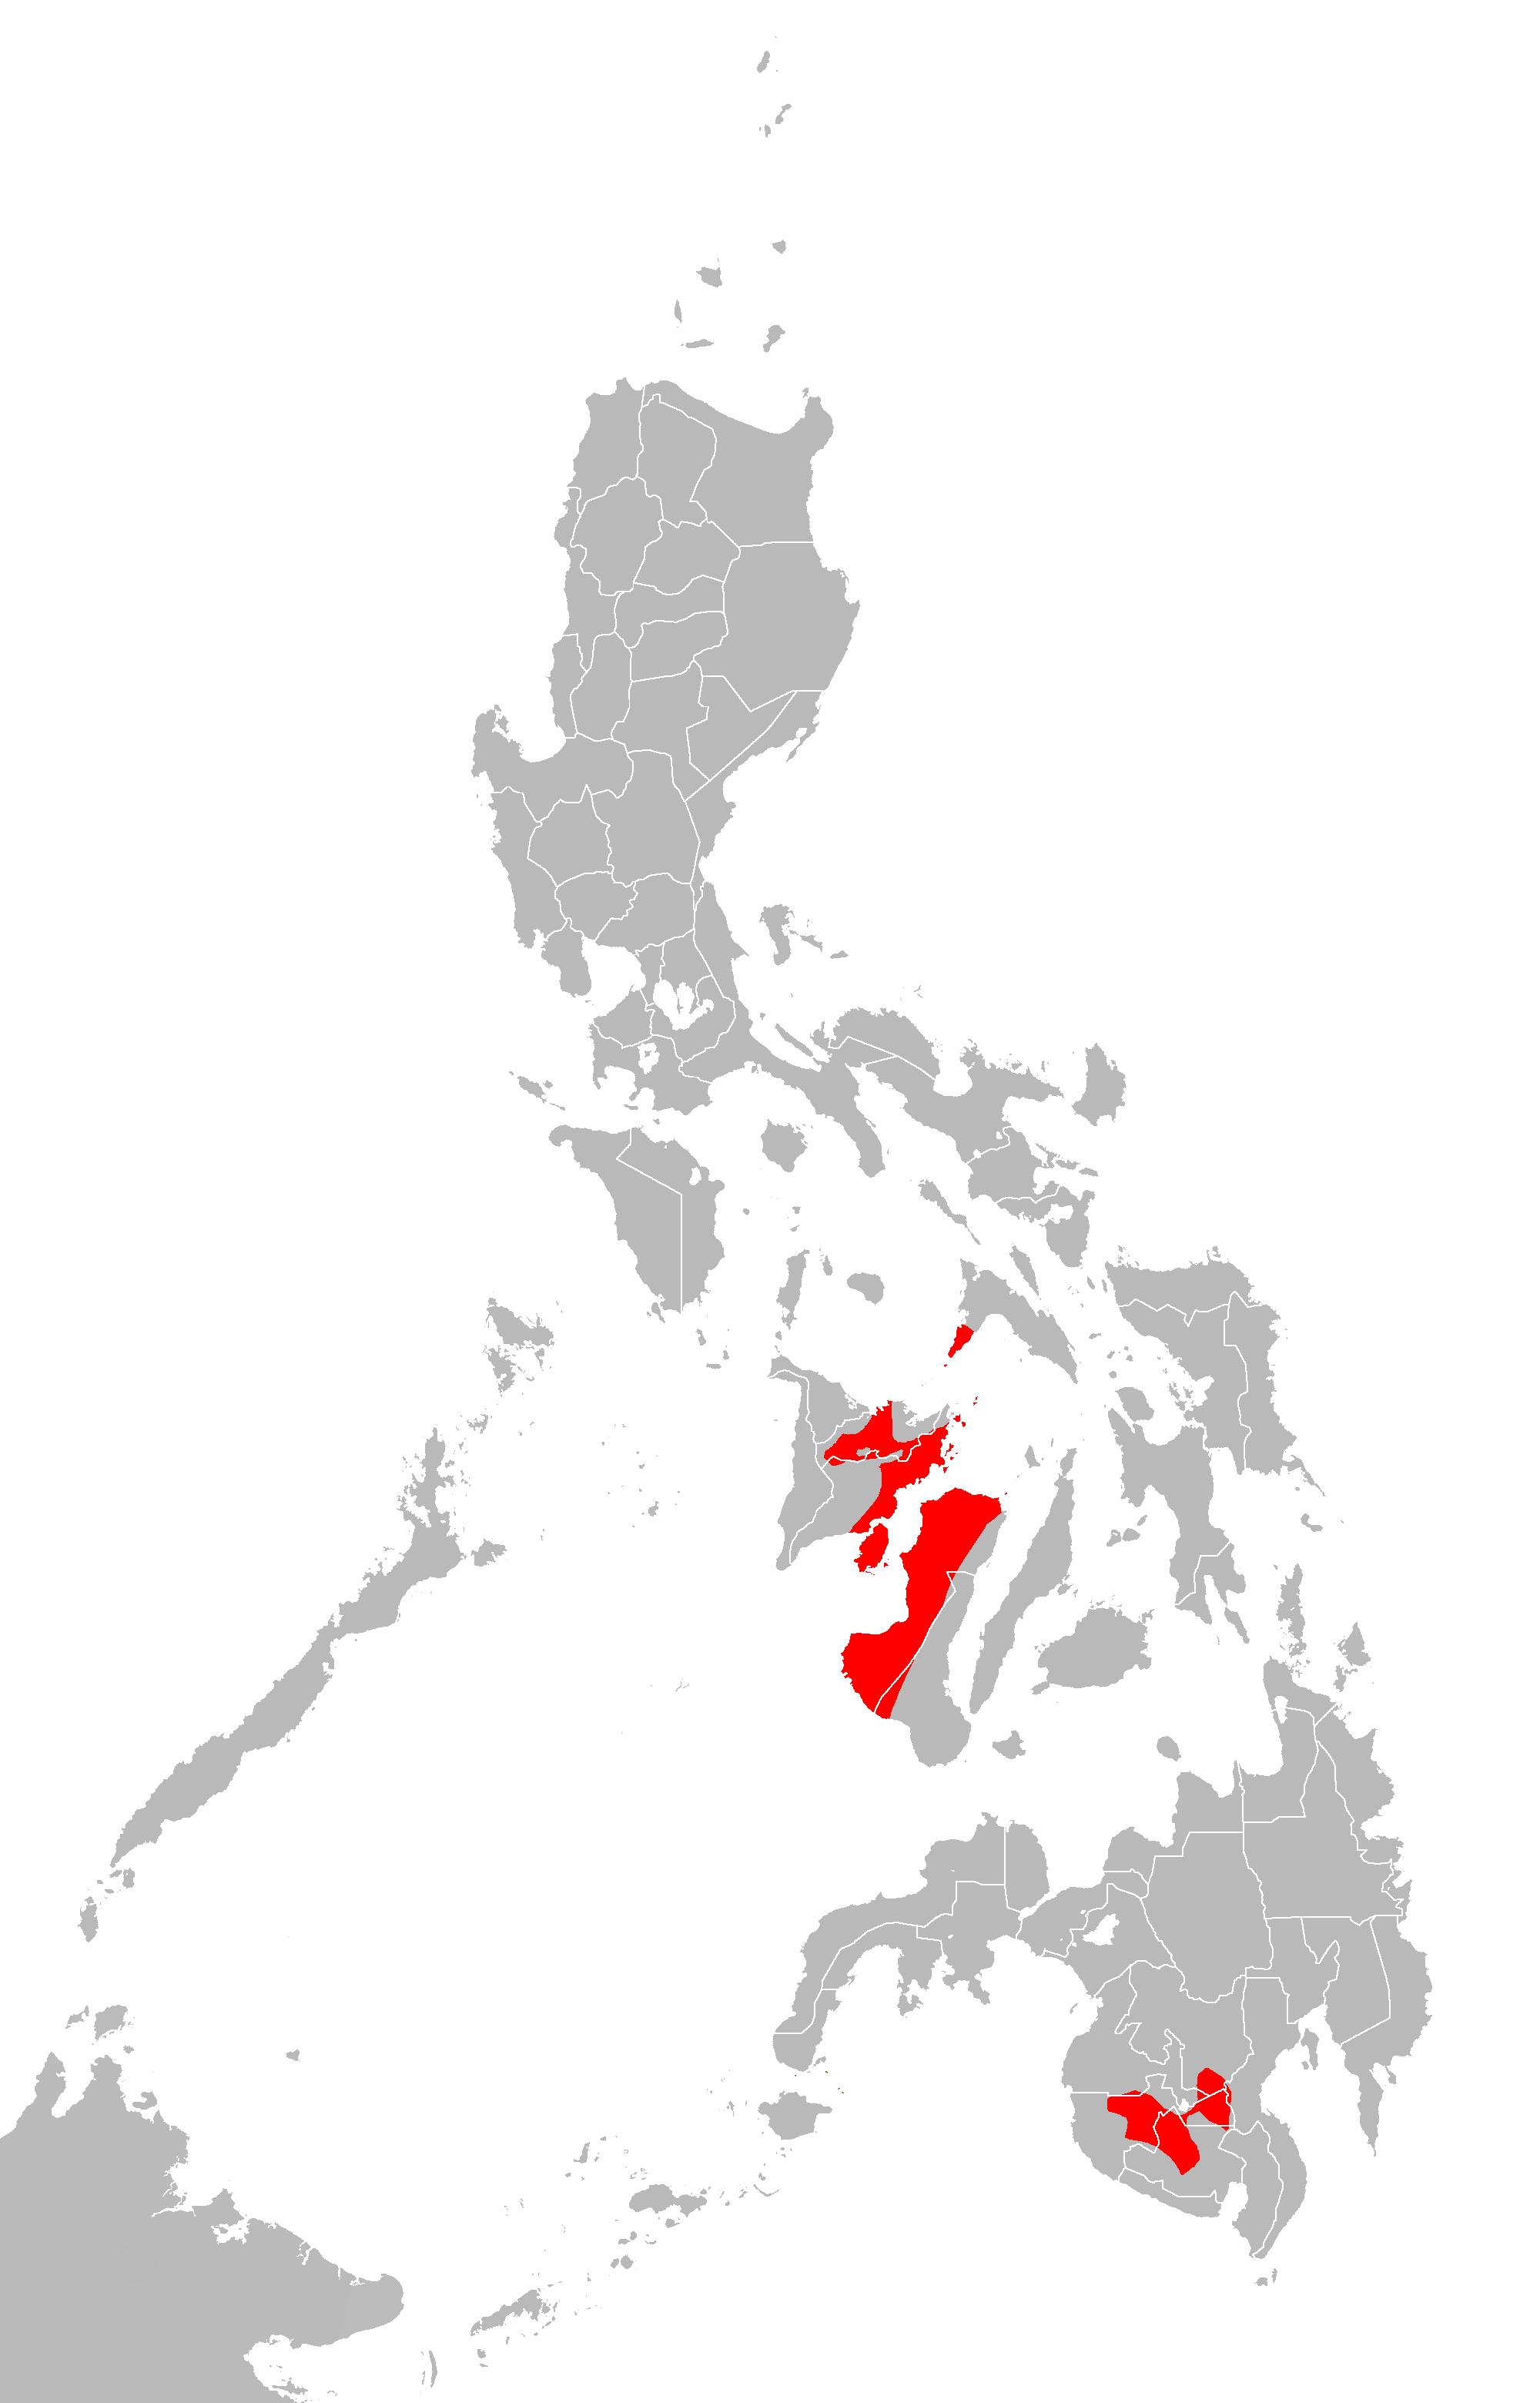 Mapa ng pilipinas clipart